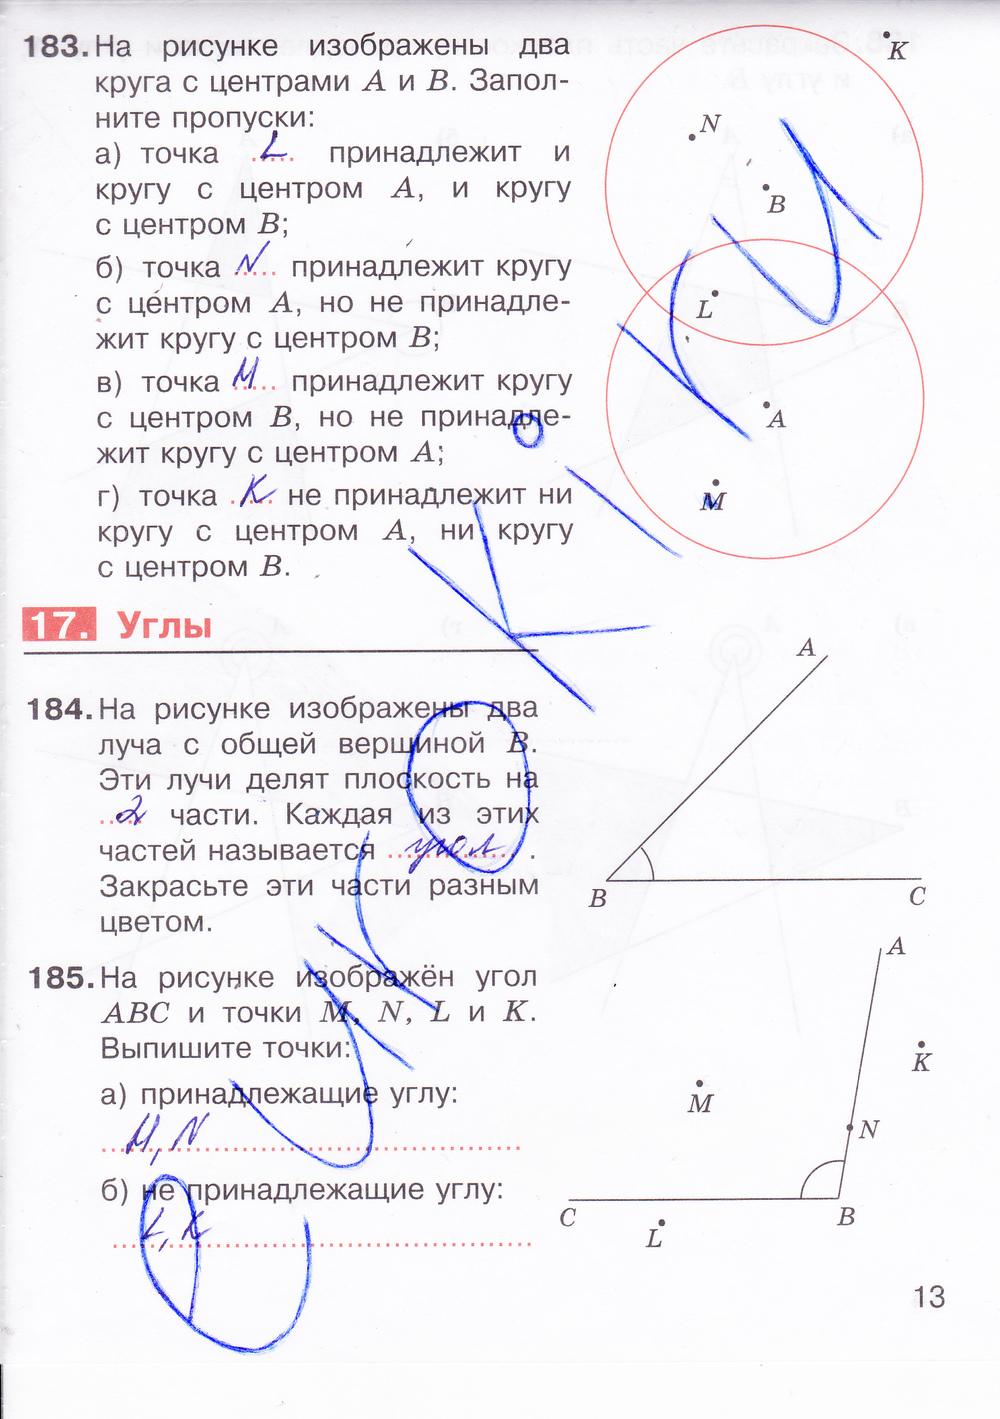 ГДЗ по математике 5 класс рабочая тетрадь Потапов, Шевкин К учебнику Никольского Часть 1, 2. Задание: стр. 13